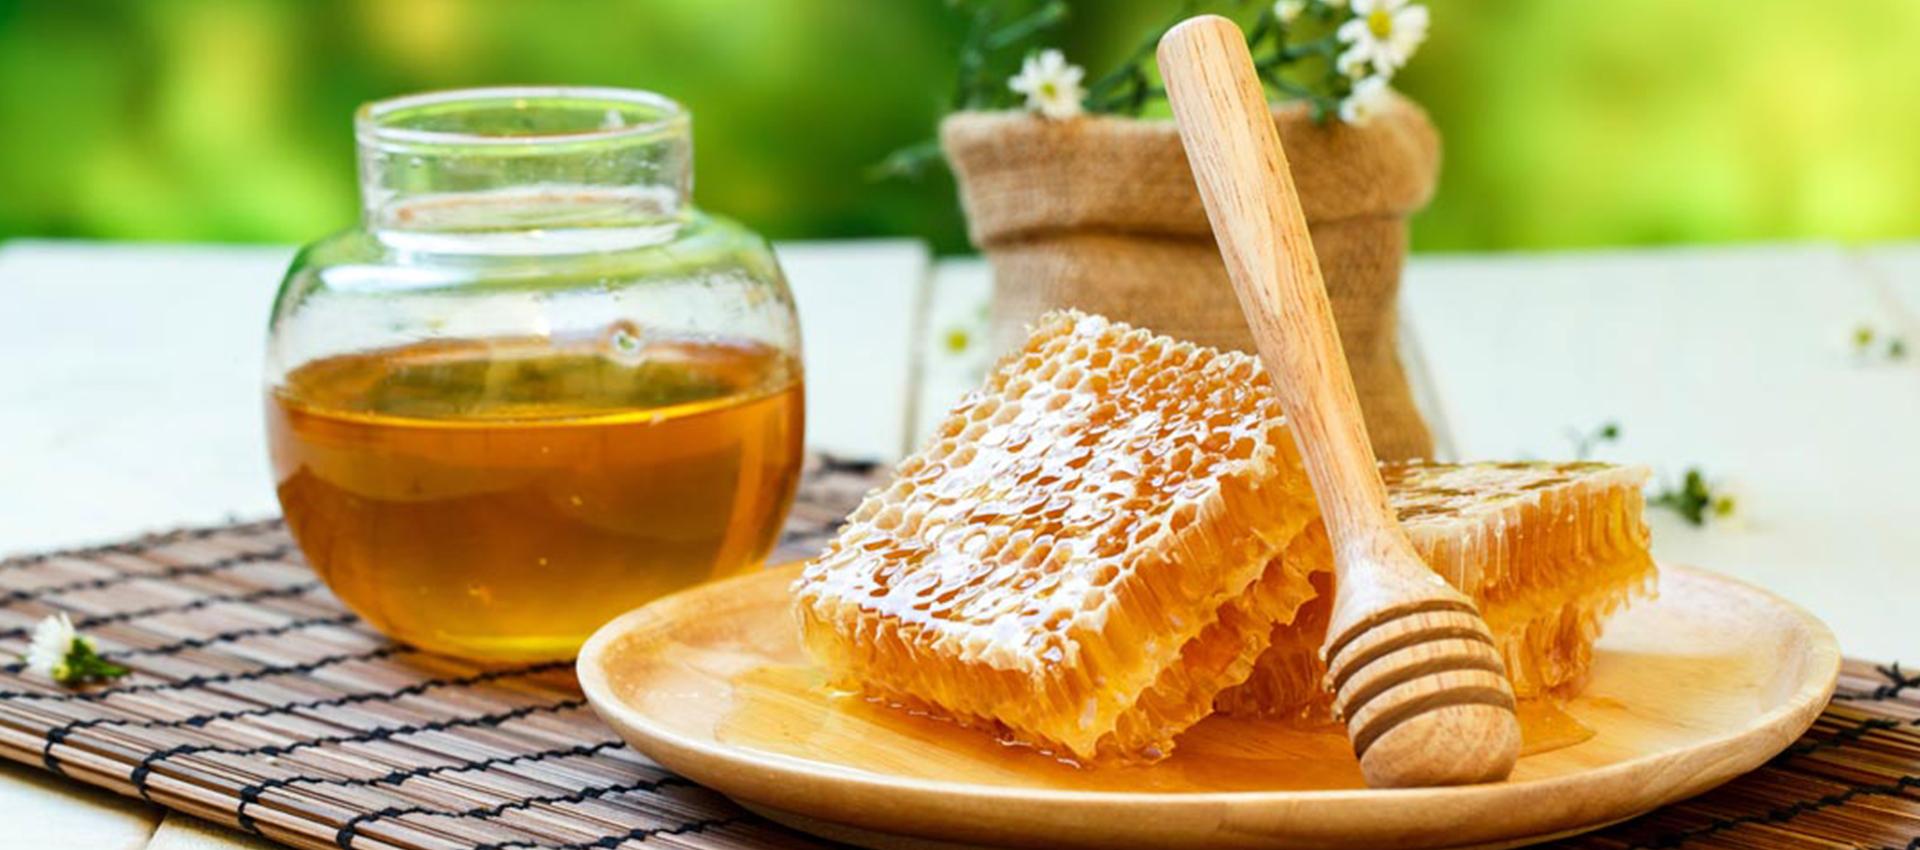 yra medus naudingas širdies sveikatai